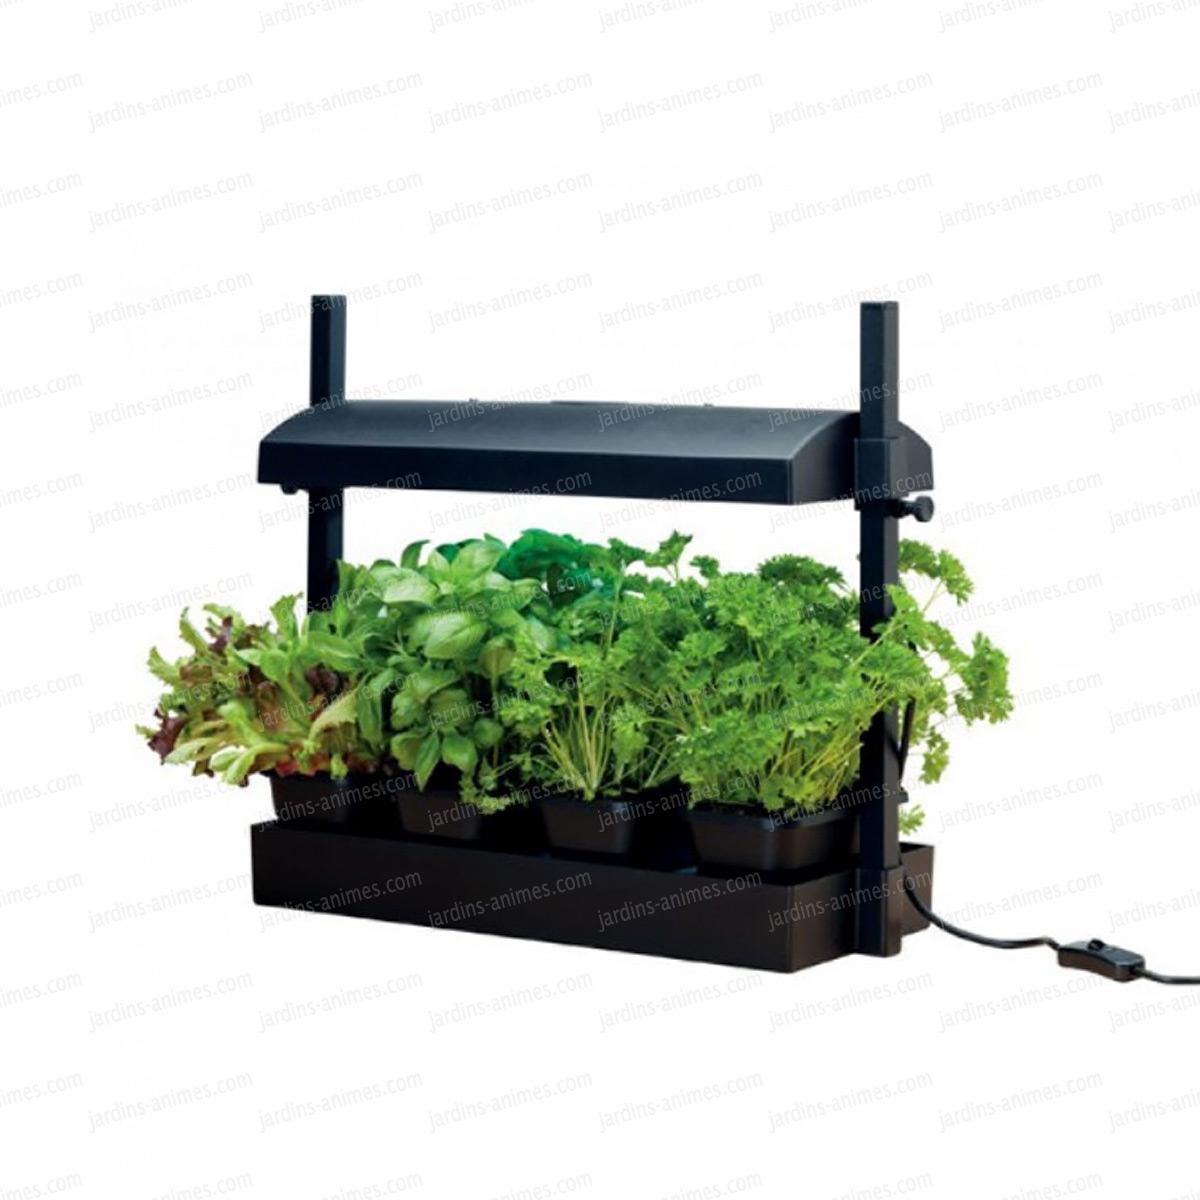 potager d 39 int rieur lampe de croissance horticole hydroponie lampe floraison. Black Bedroom Furniture Sets. Home Design Ideas